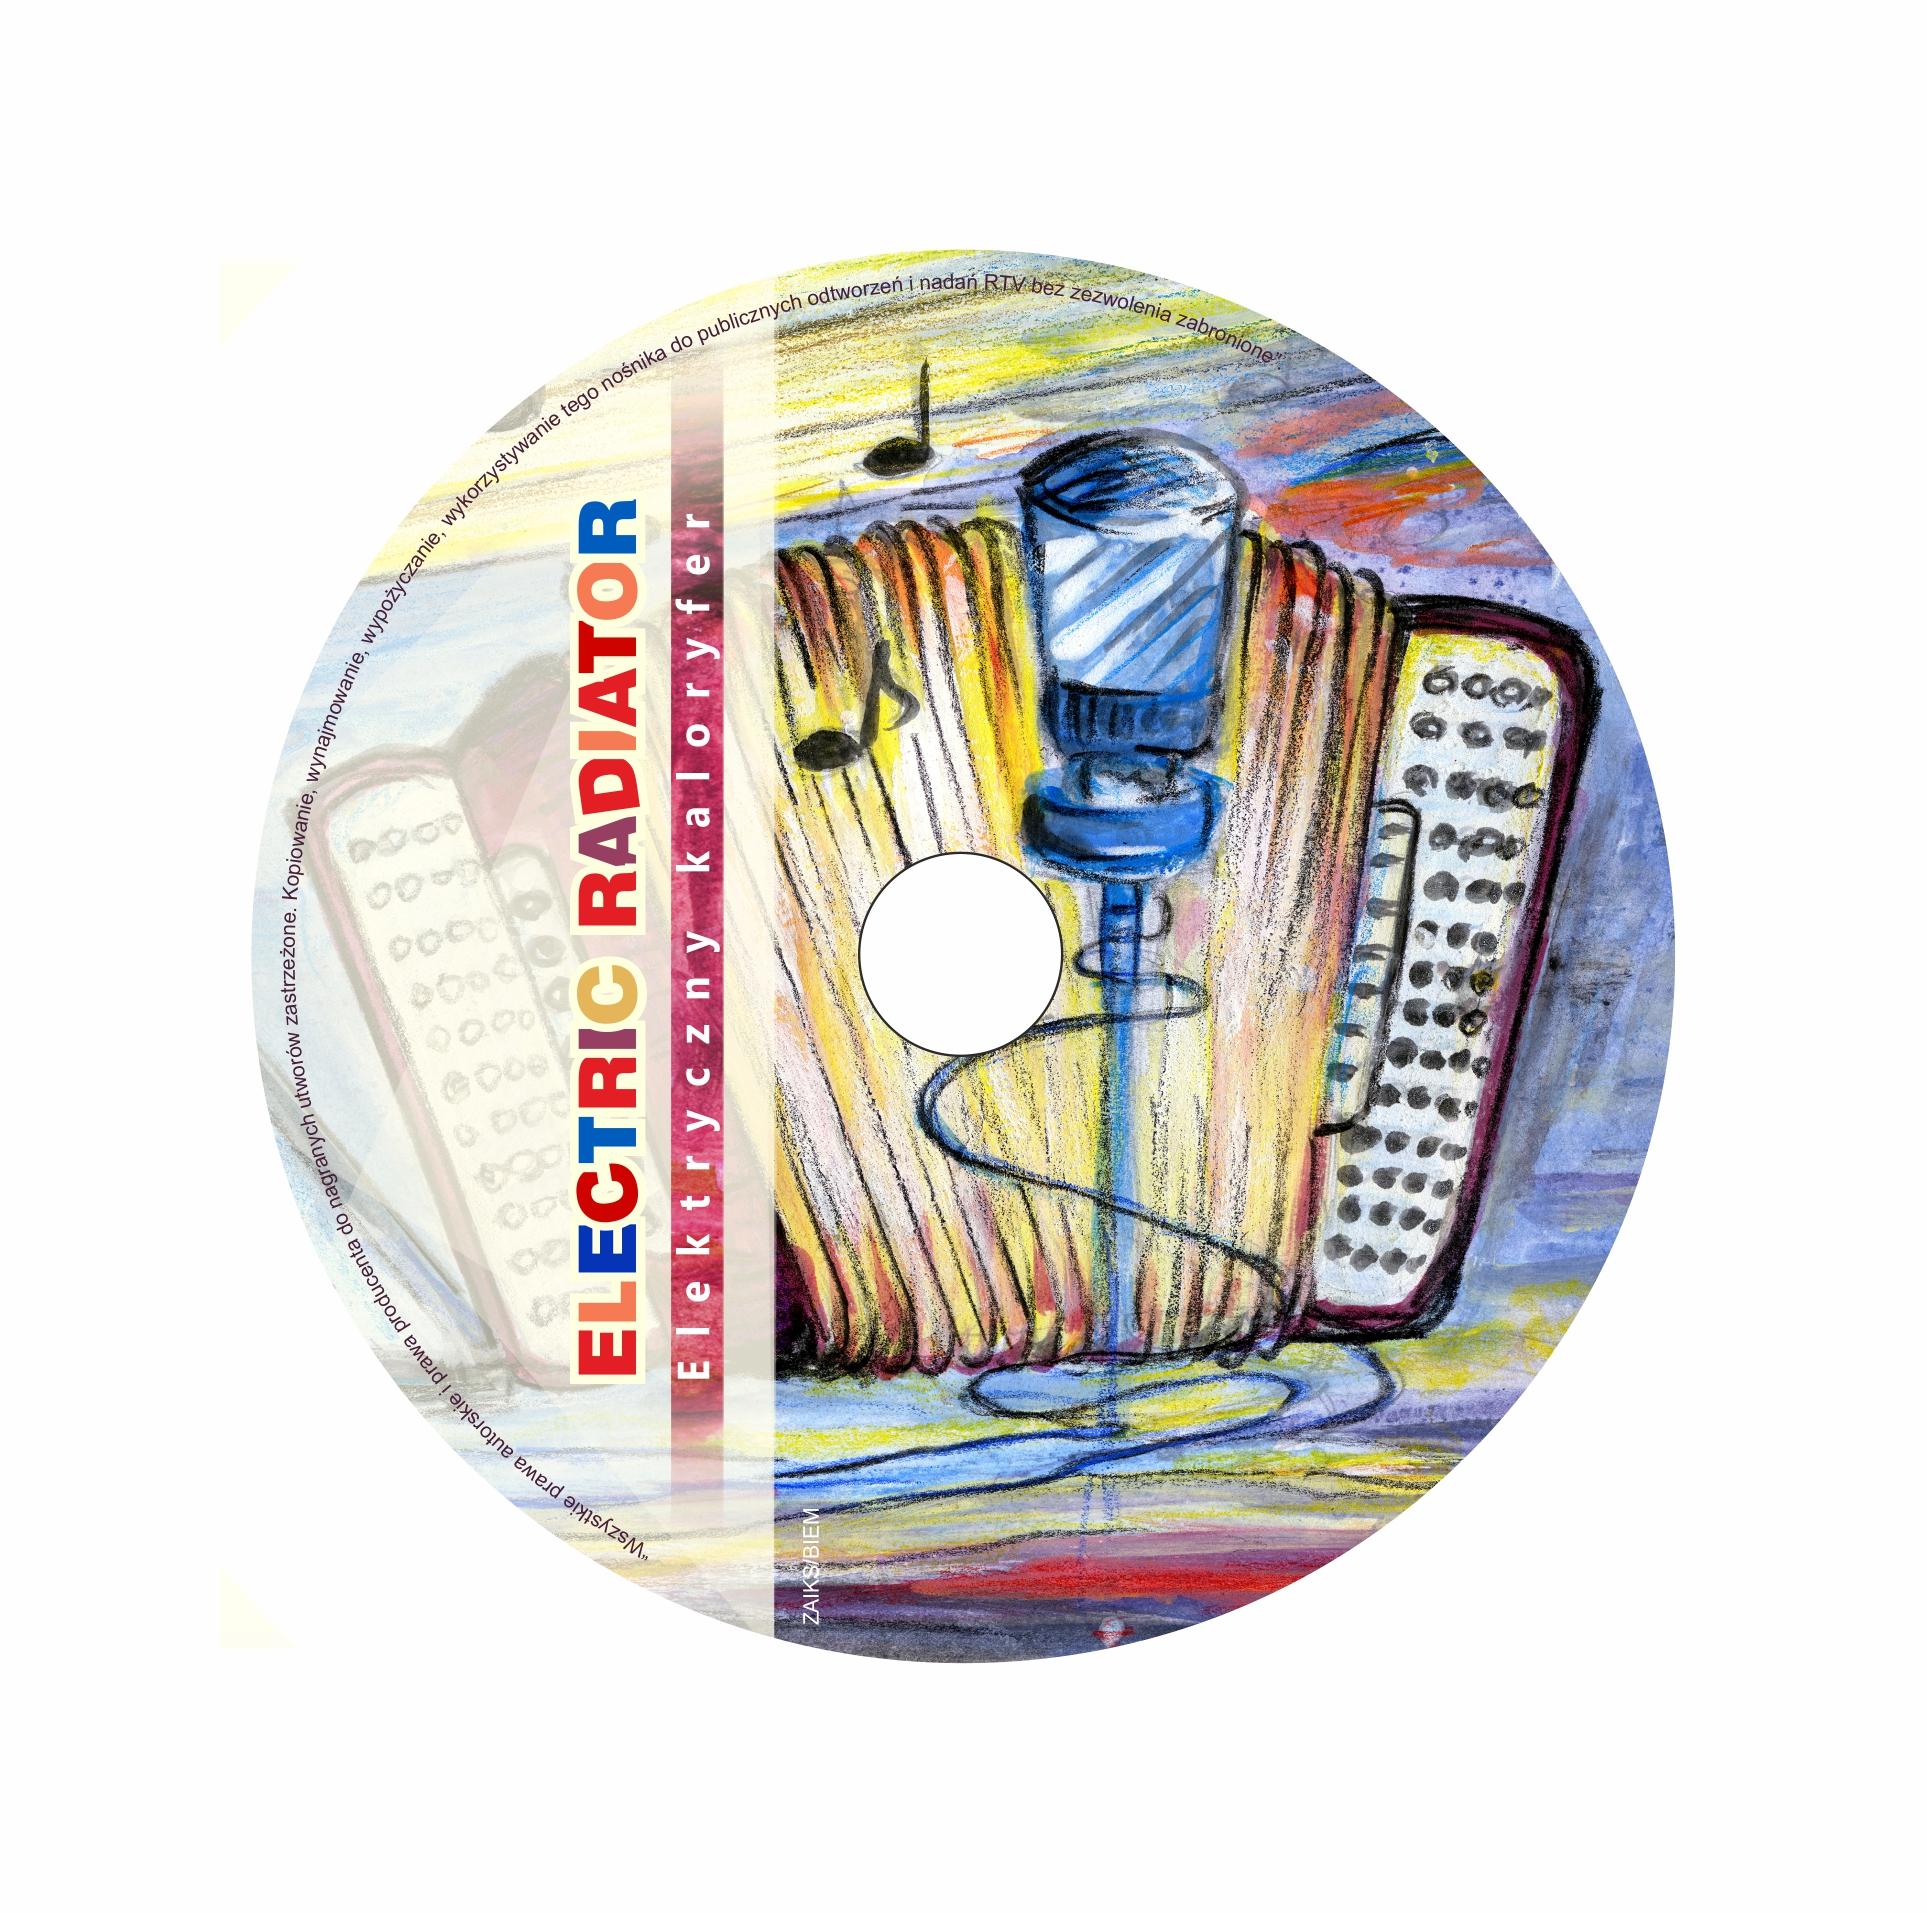 Akordeon w muzyce elektrycznej. Premiera płyty